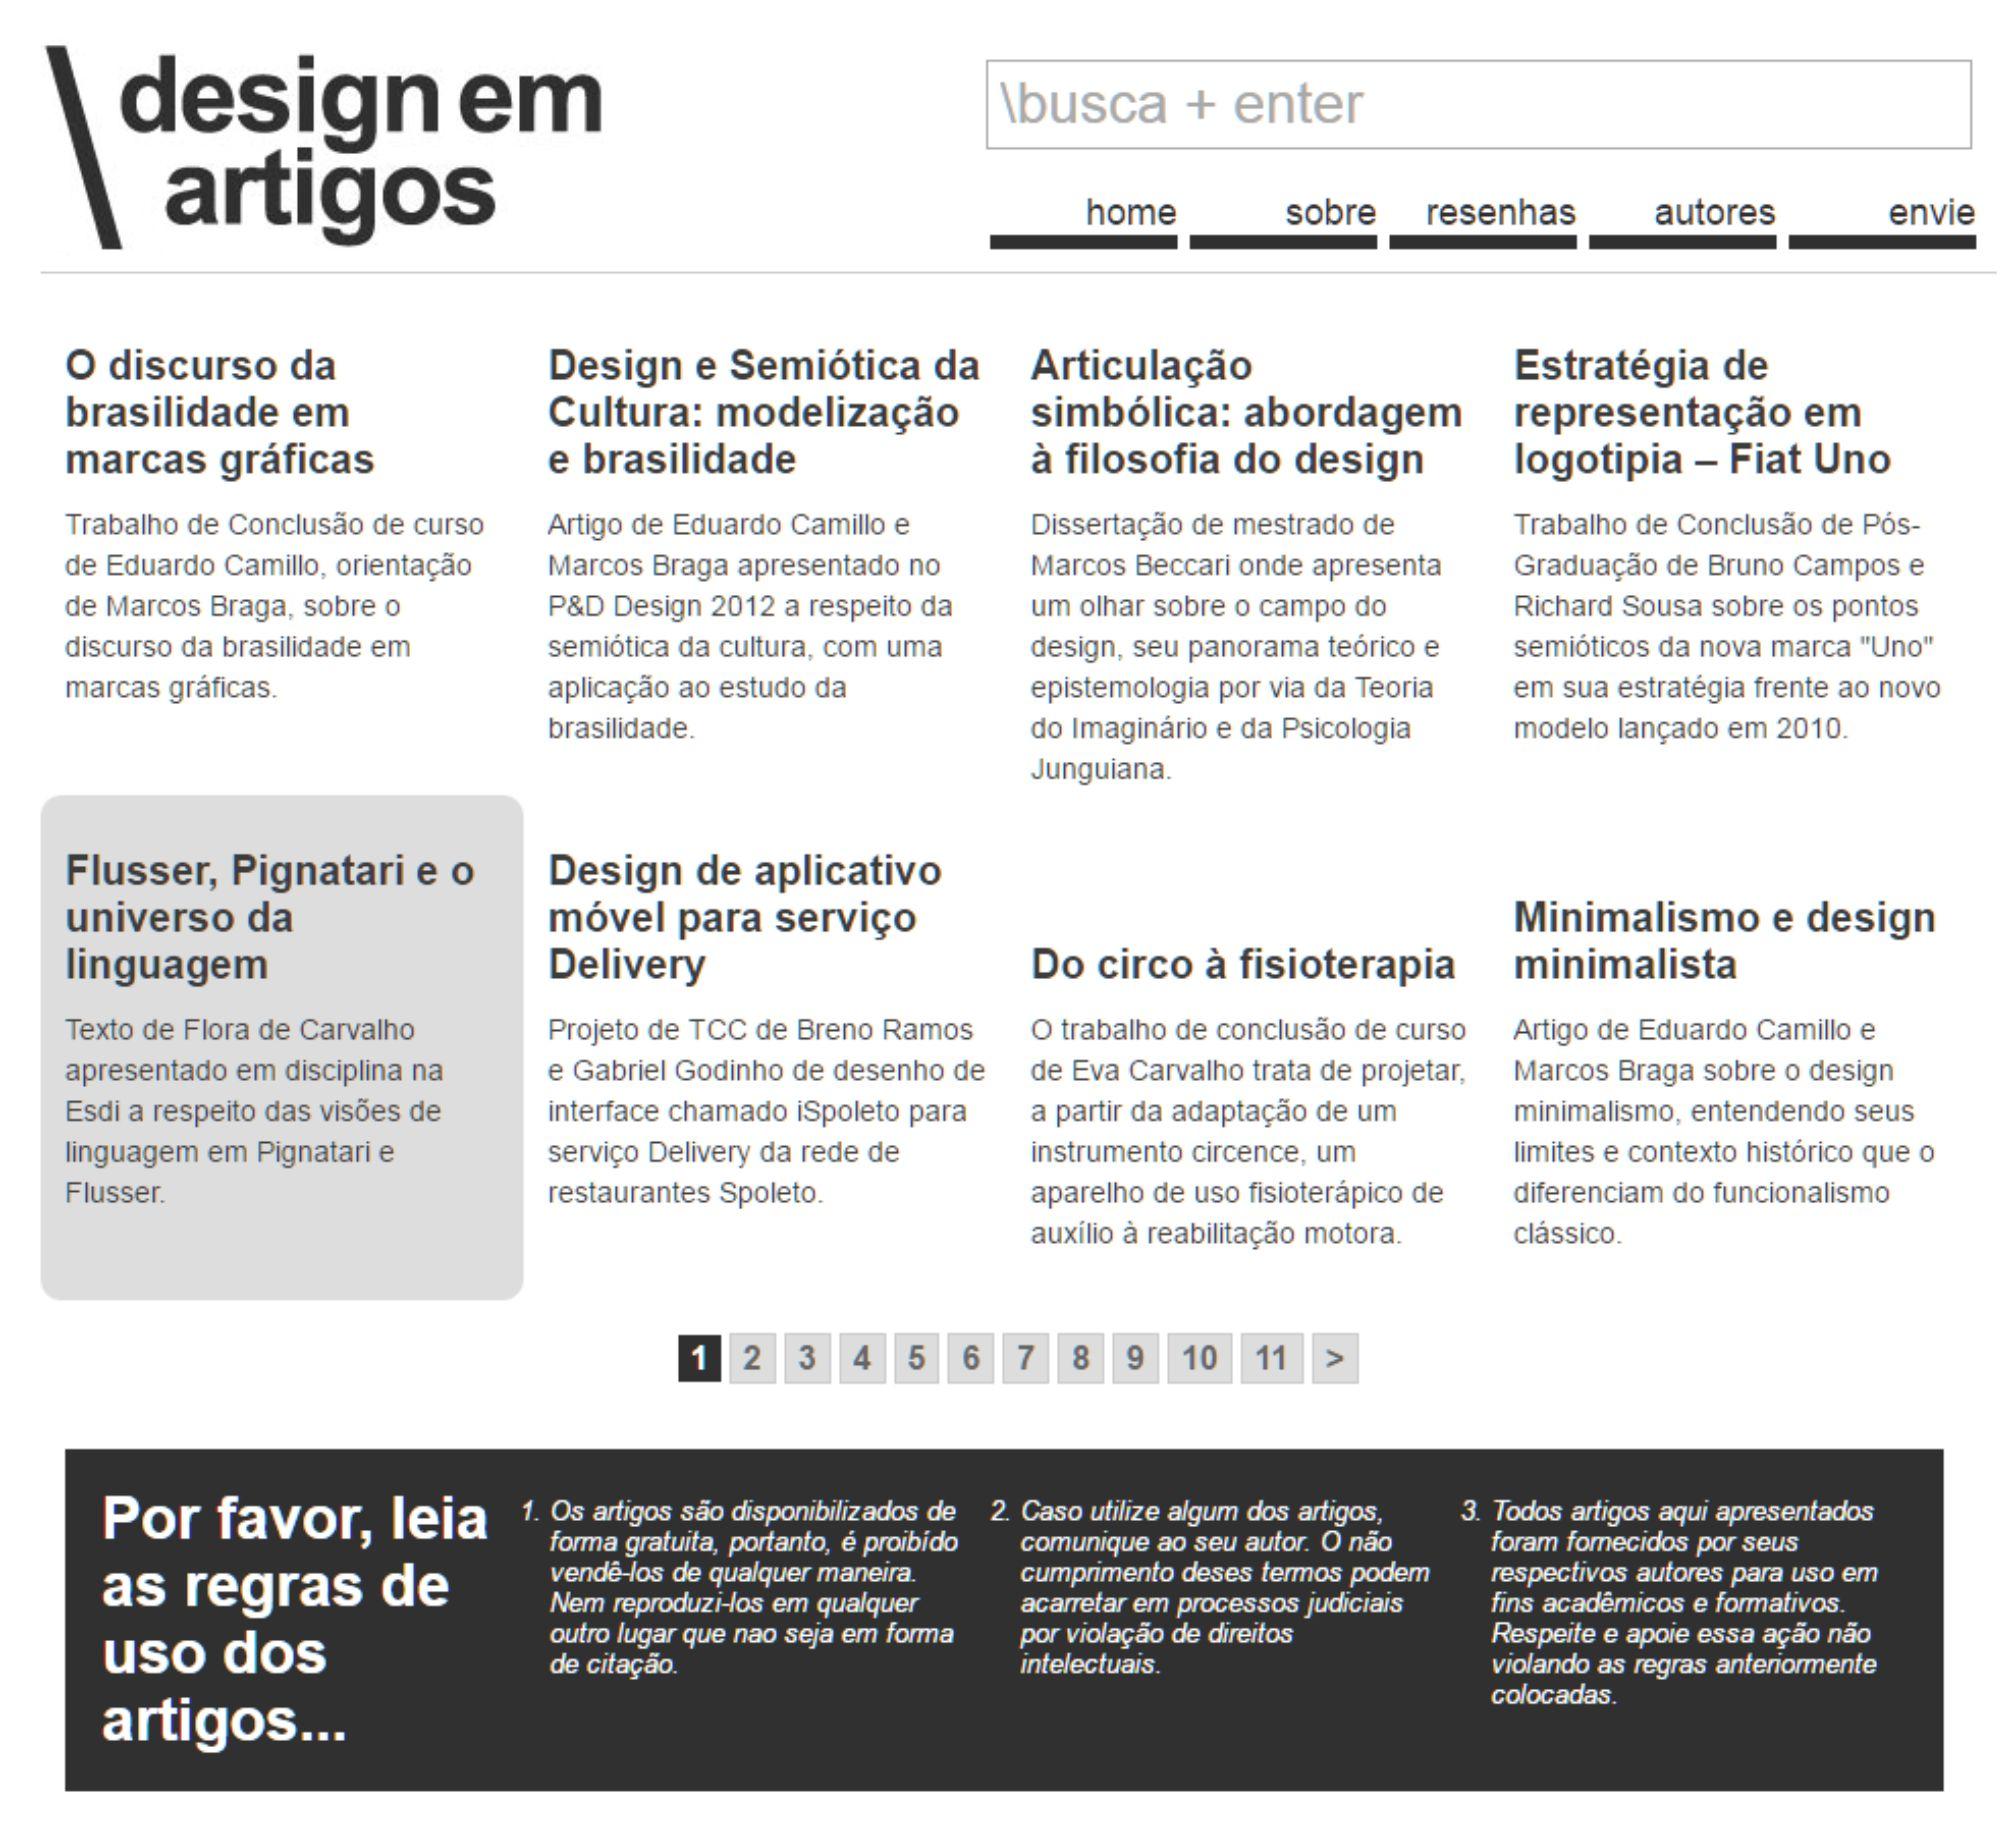 design-em-artigos